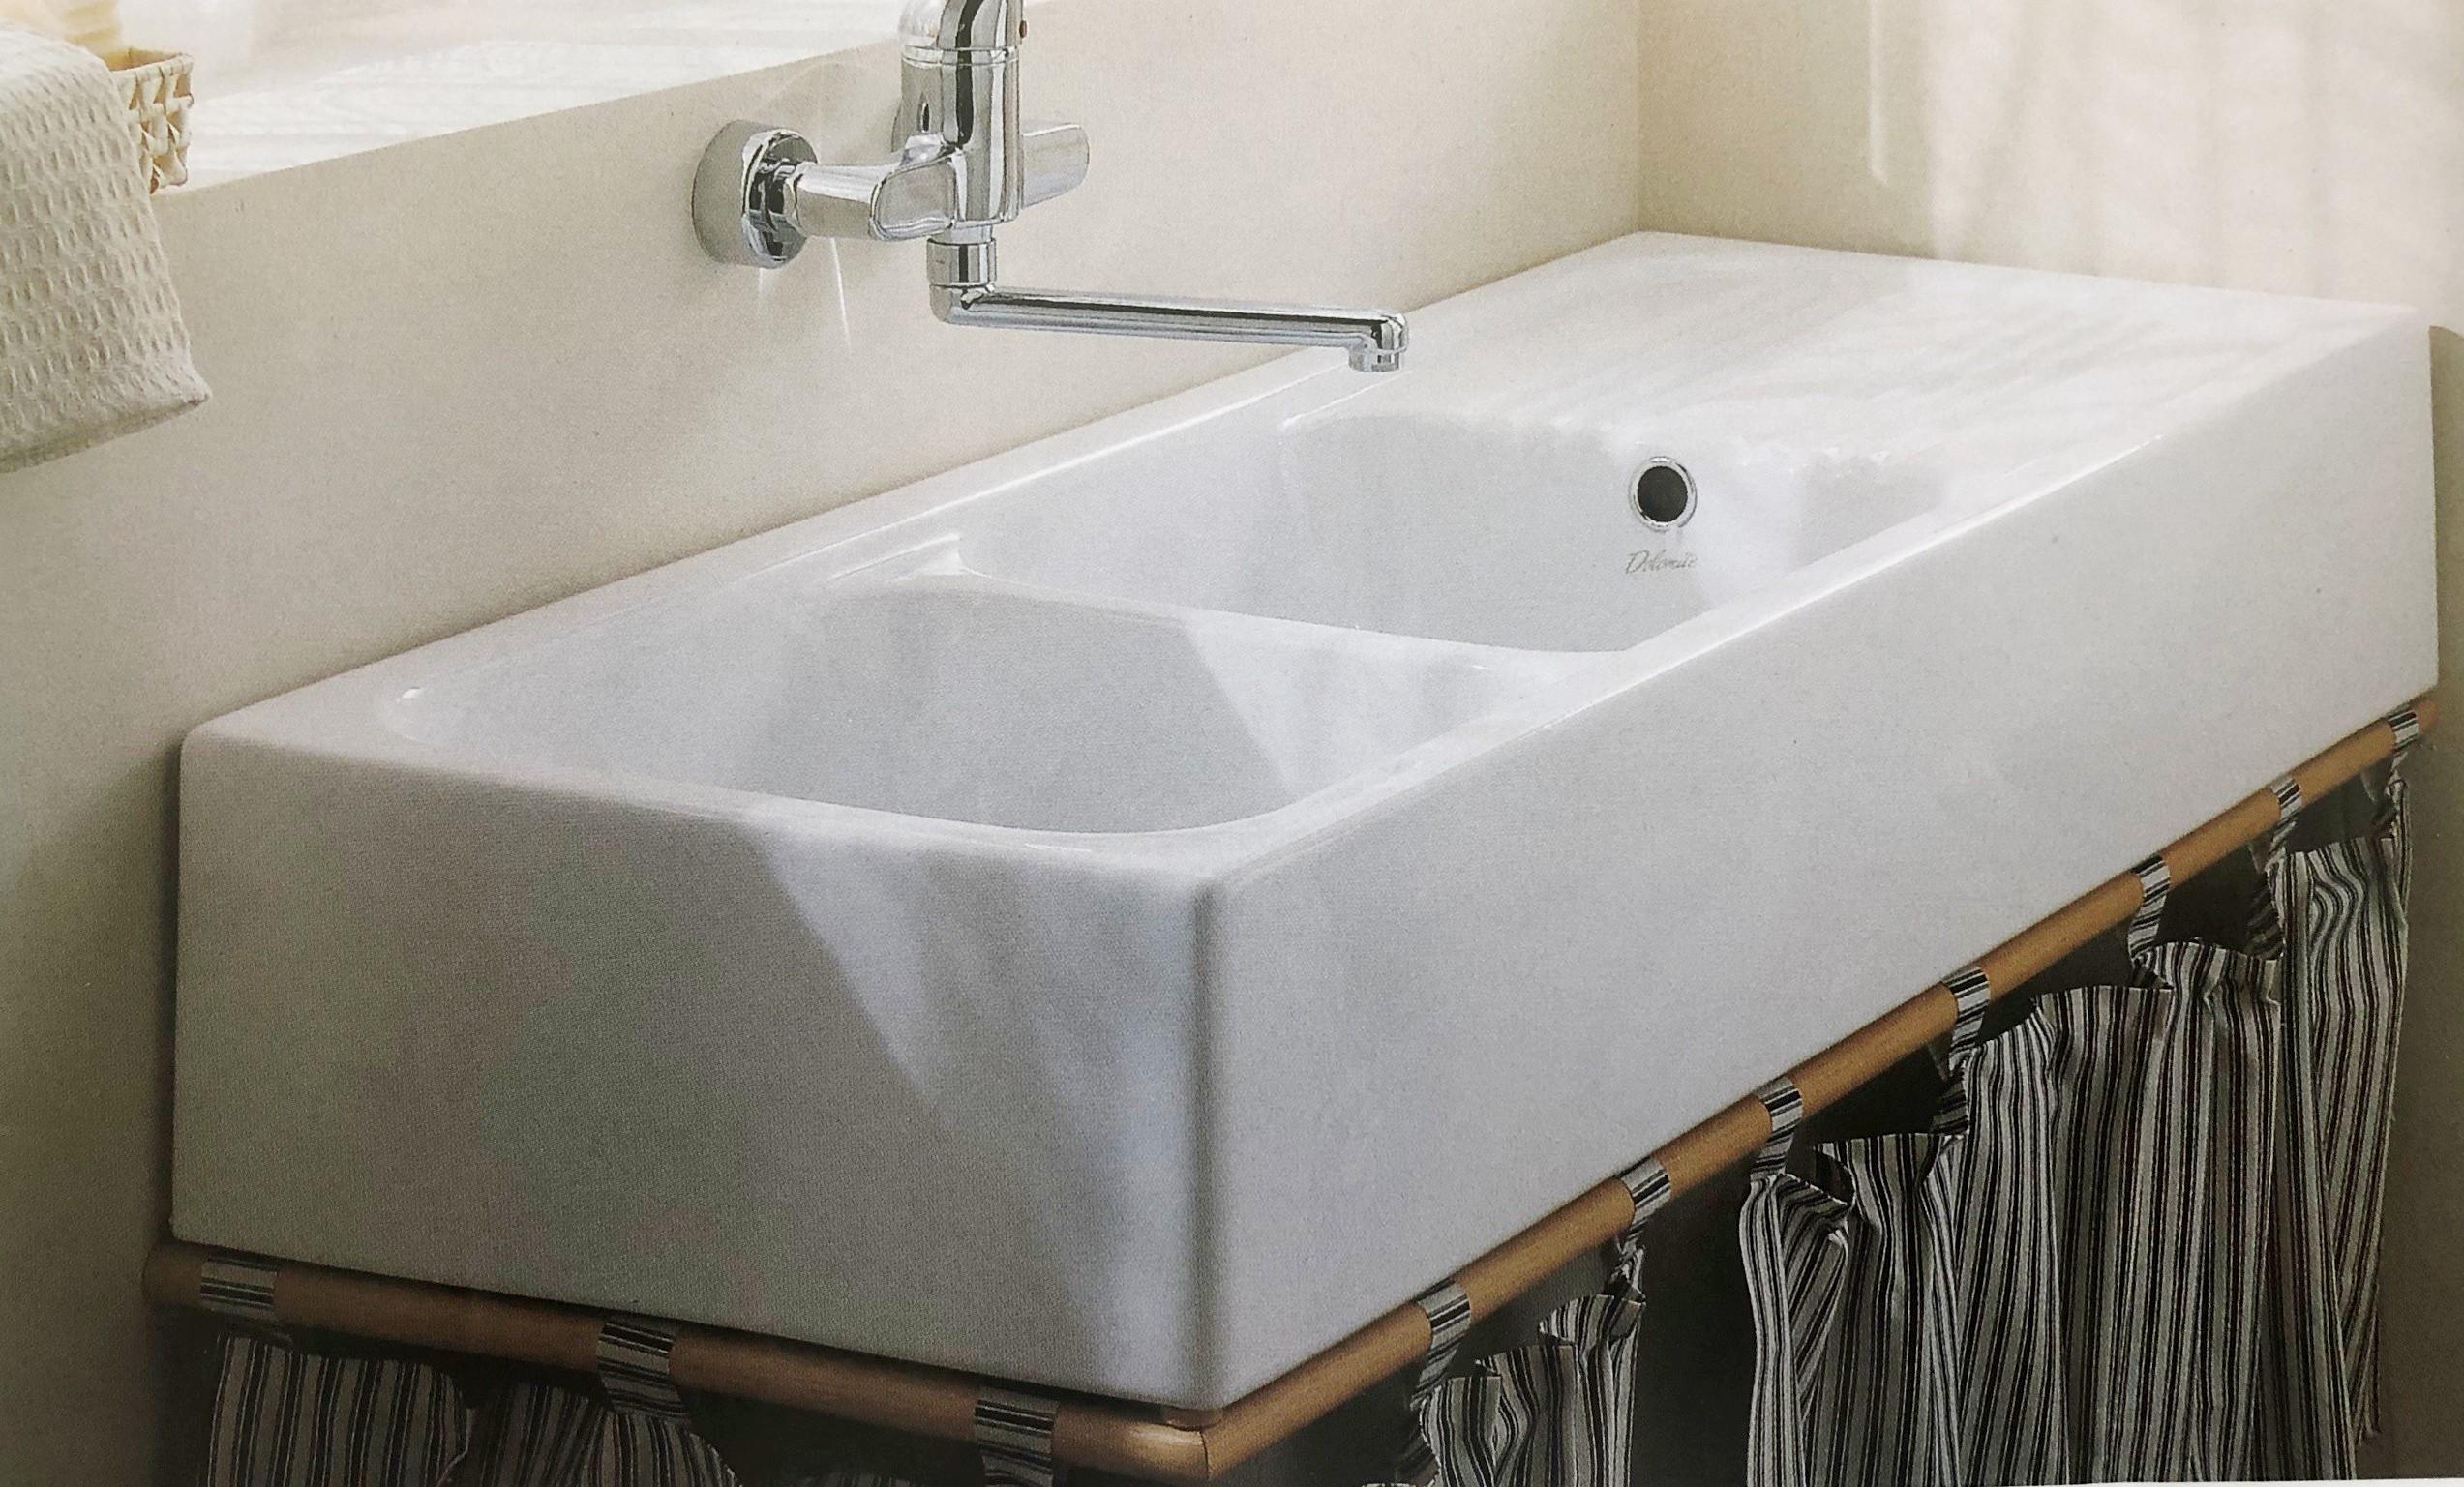 Lavello In Ceramica Da Cucina lavello cucina 120x45 da appoggio mod.brasile art.j072900 ceramica dolomite  in stock di magazzino